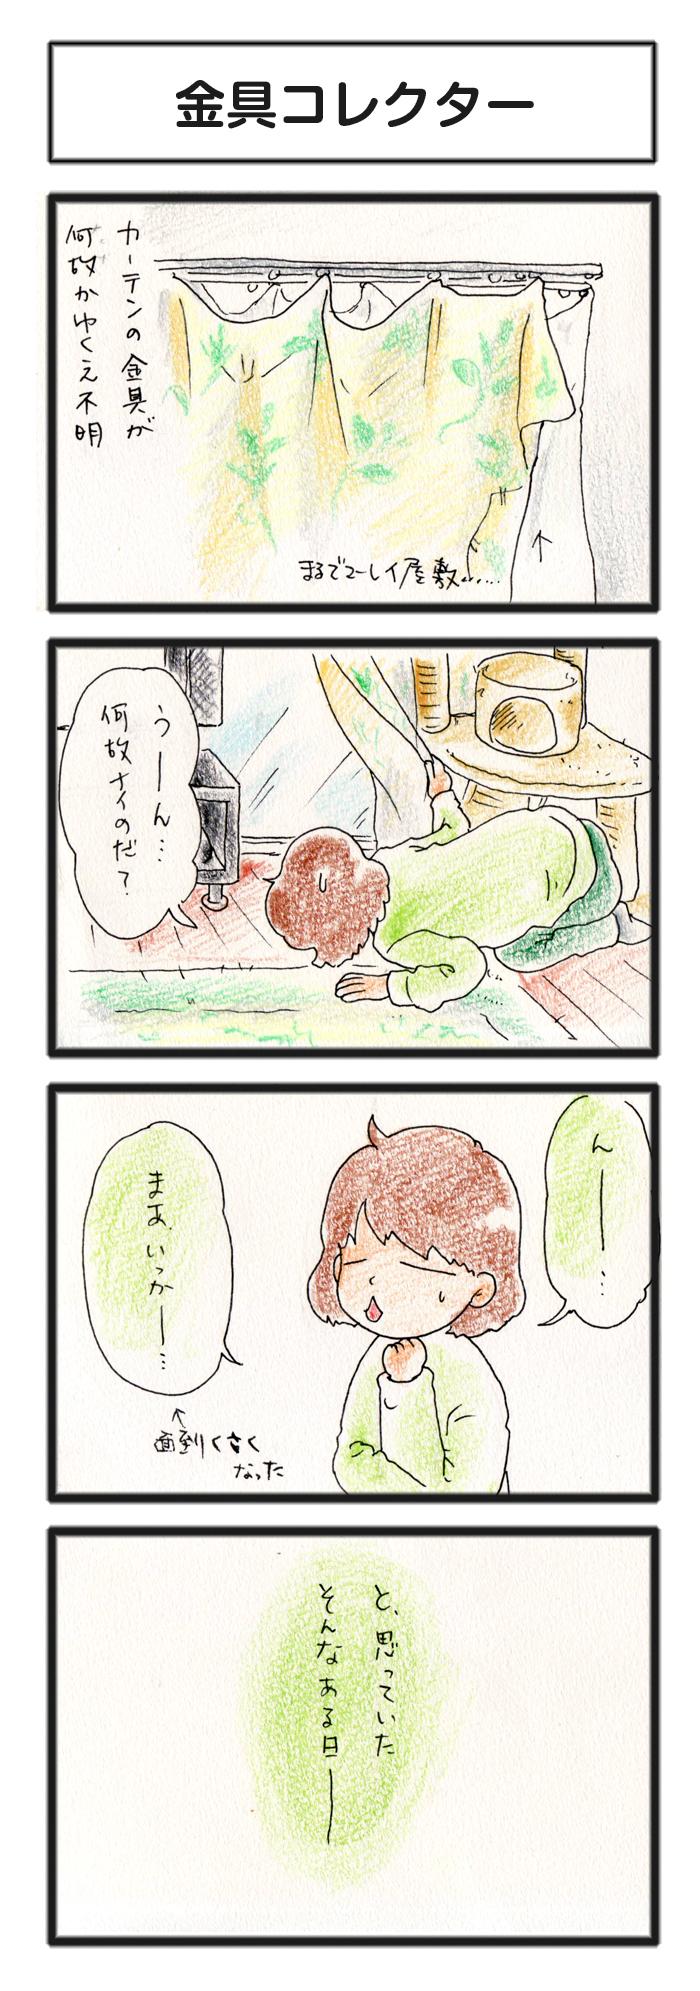 comic_4c_15020101.jpg